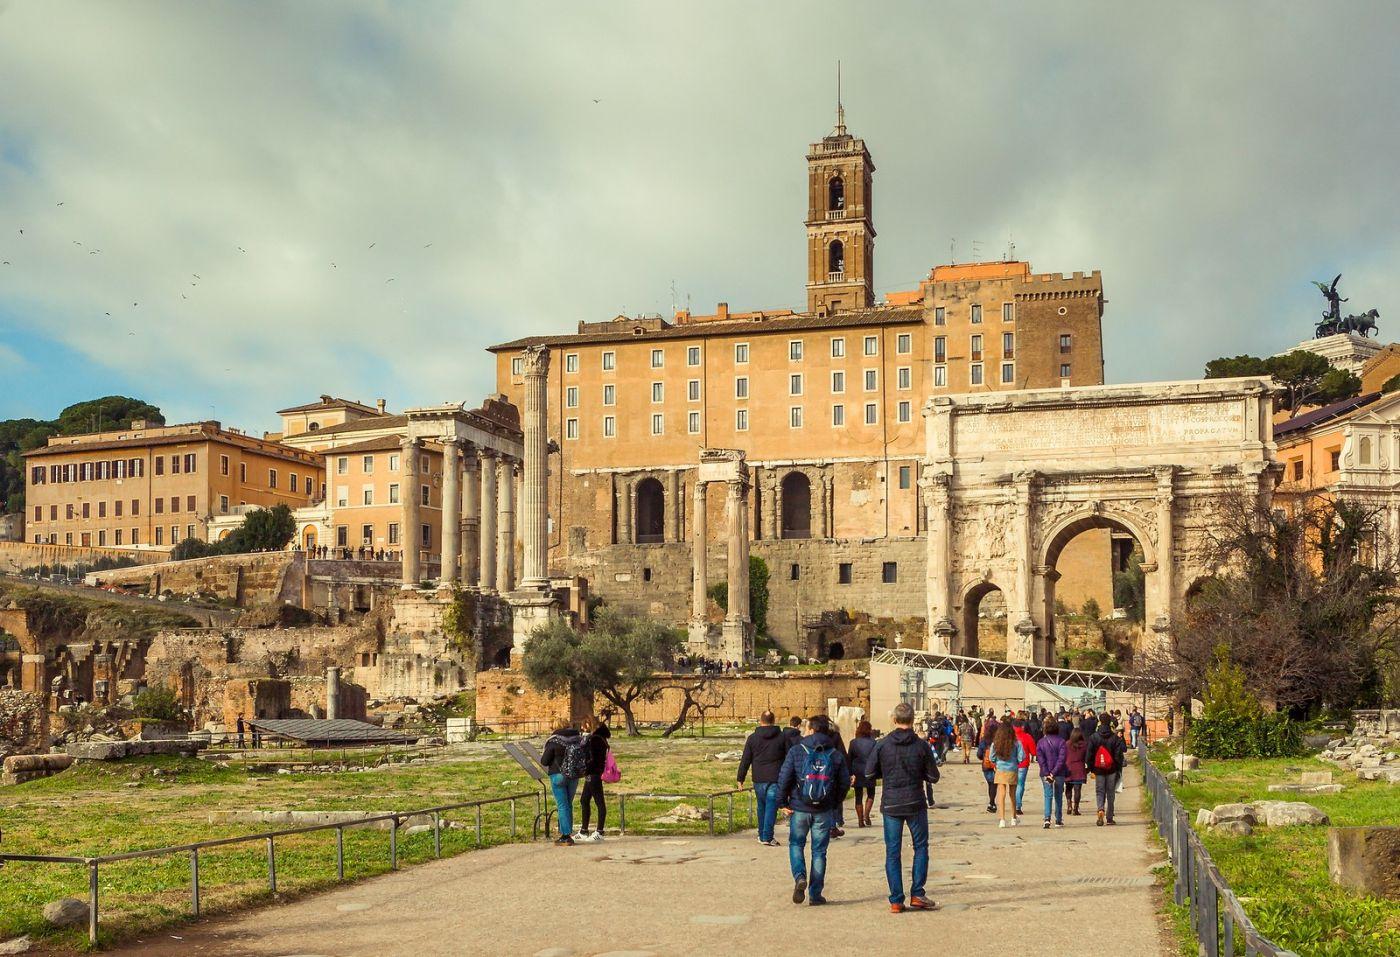 意大利罗马论坛,二千年的历史_图1-16